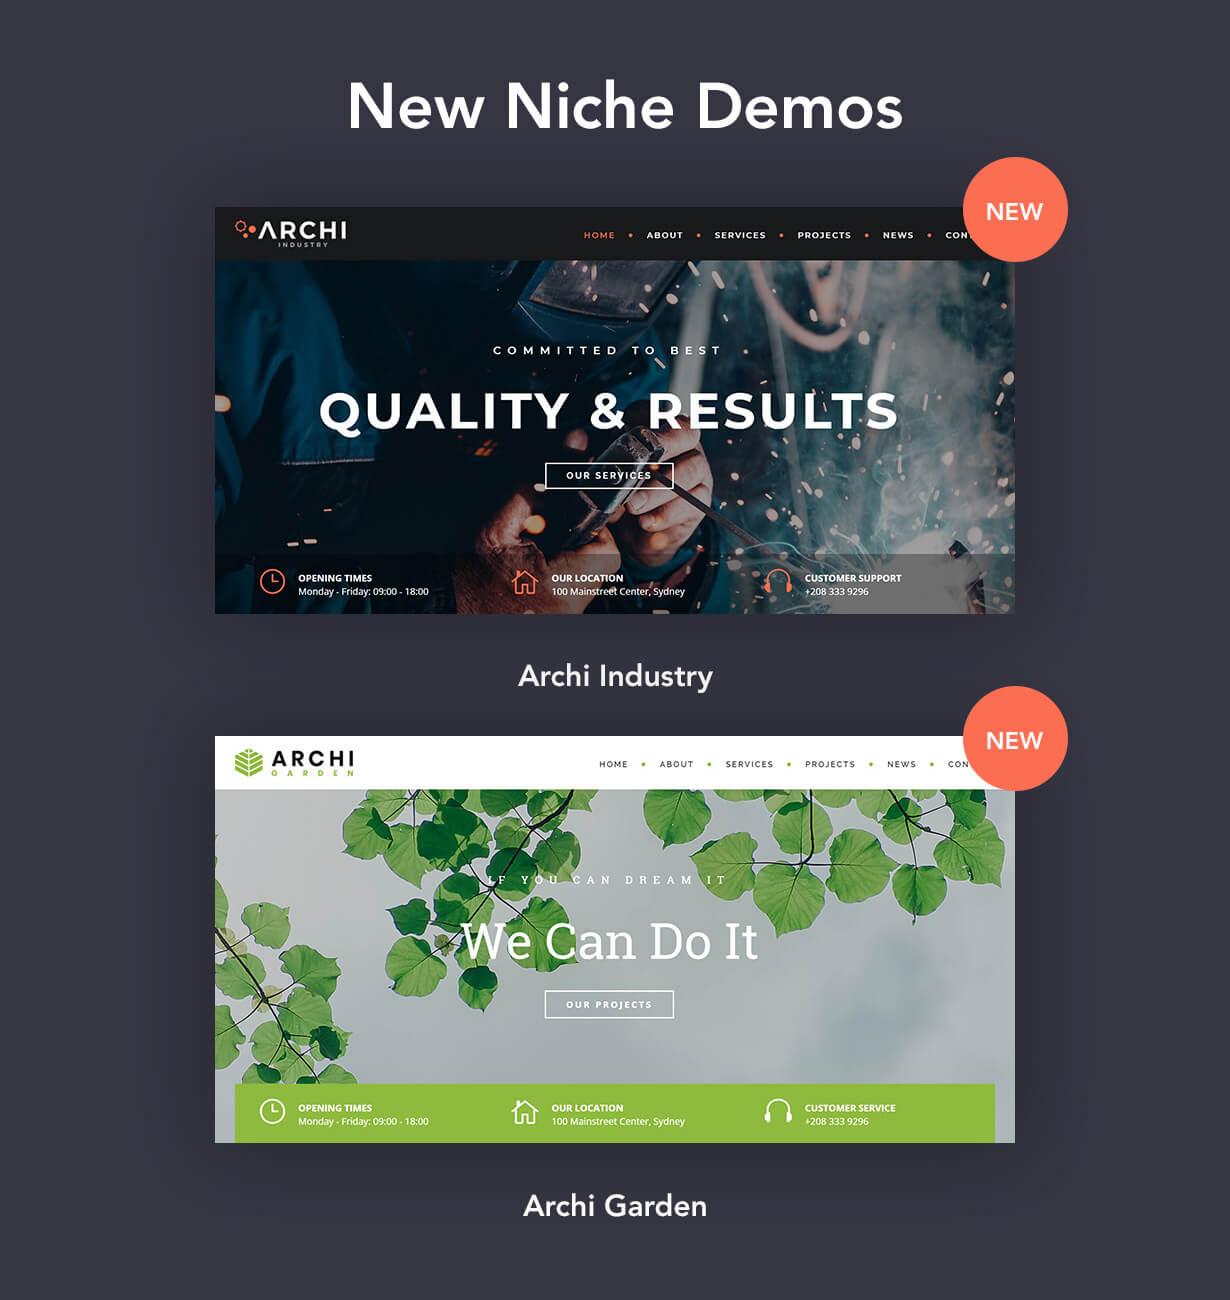 archi niche - Archi - Interior Design WordPress Theme